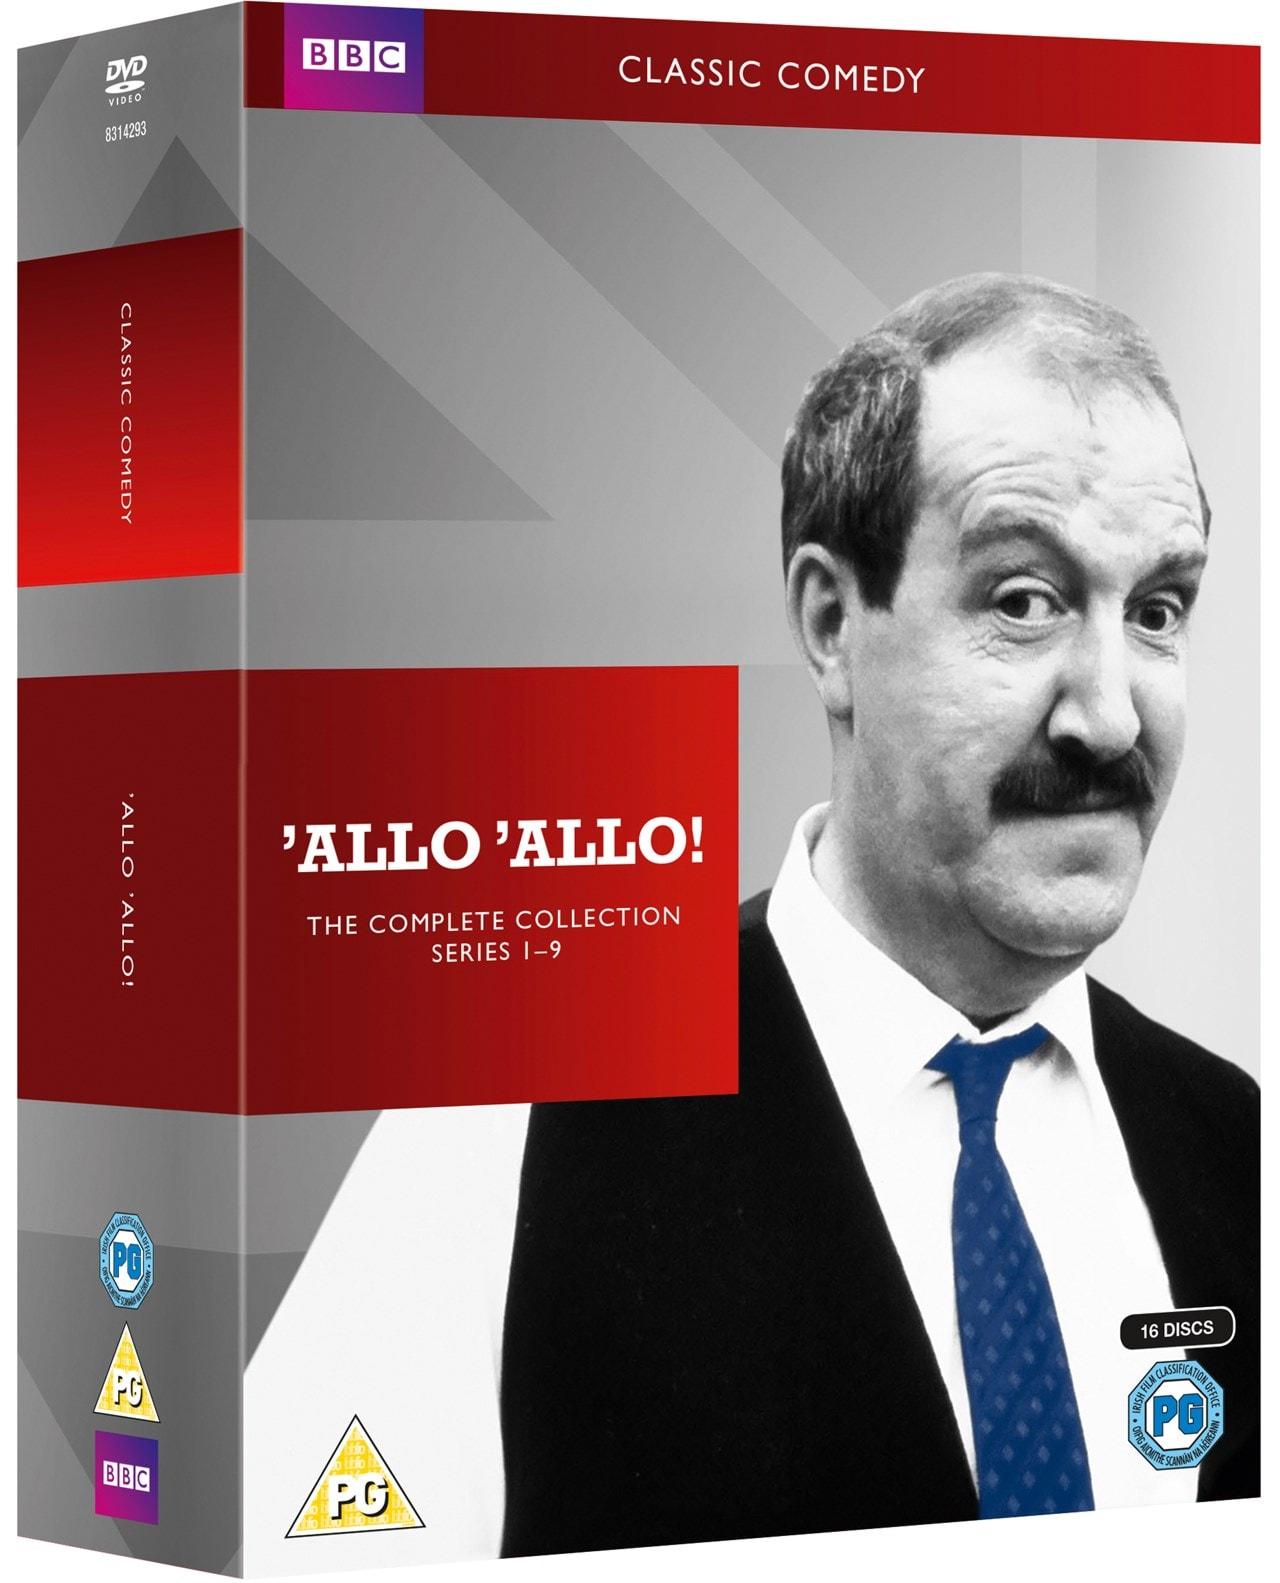 'Allo 'Allo: The Complete Collection - Series 1-9 (hmv Exclusive) - 2